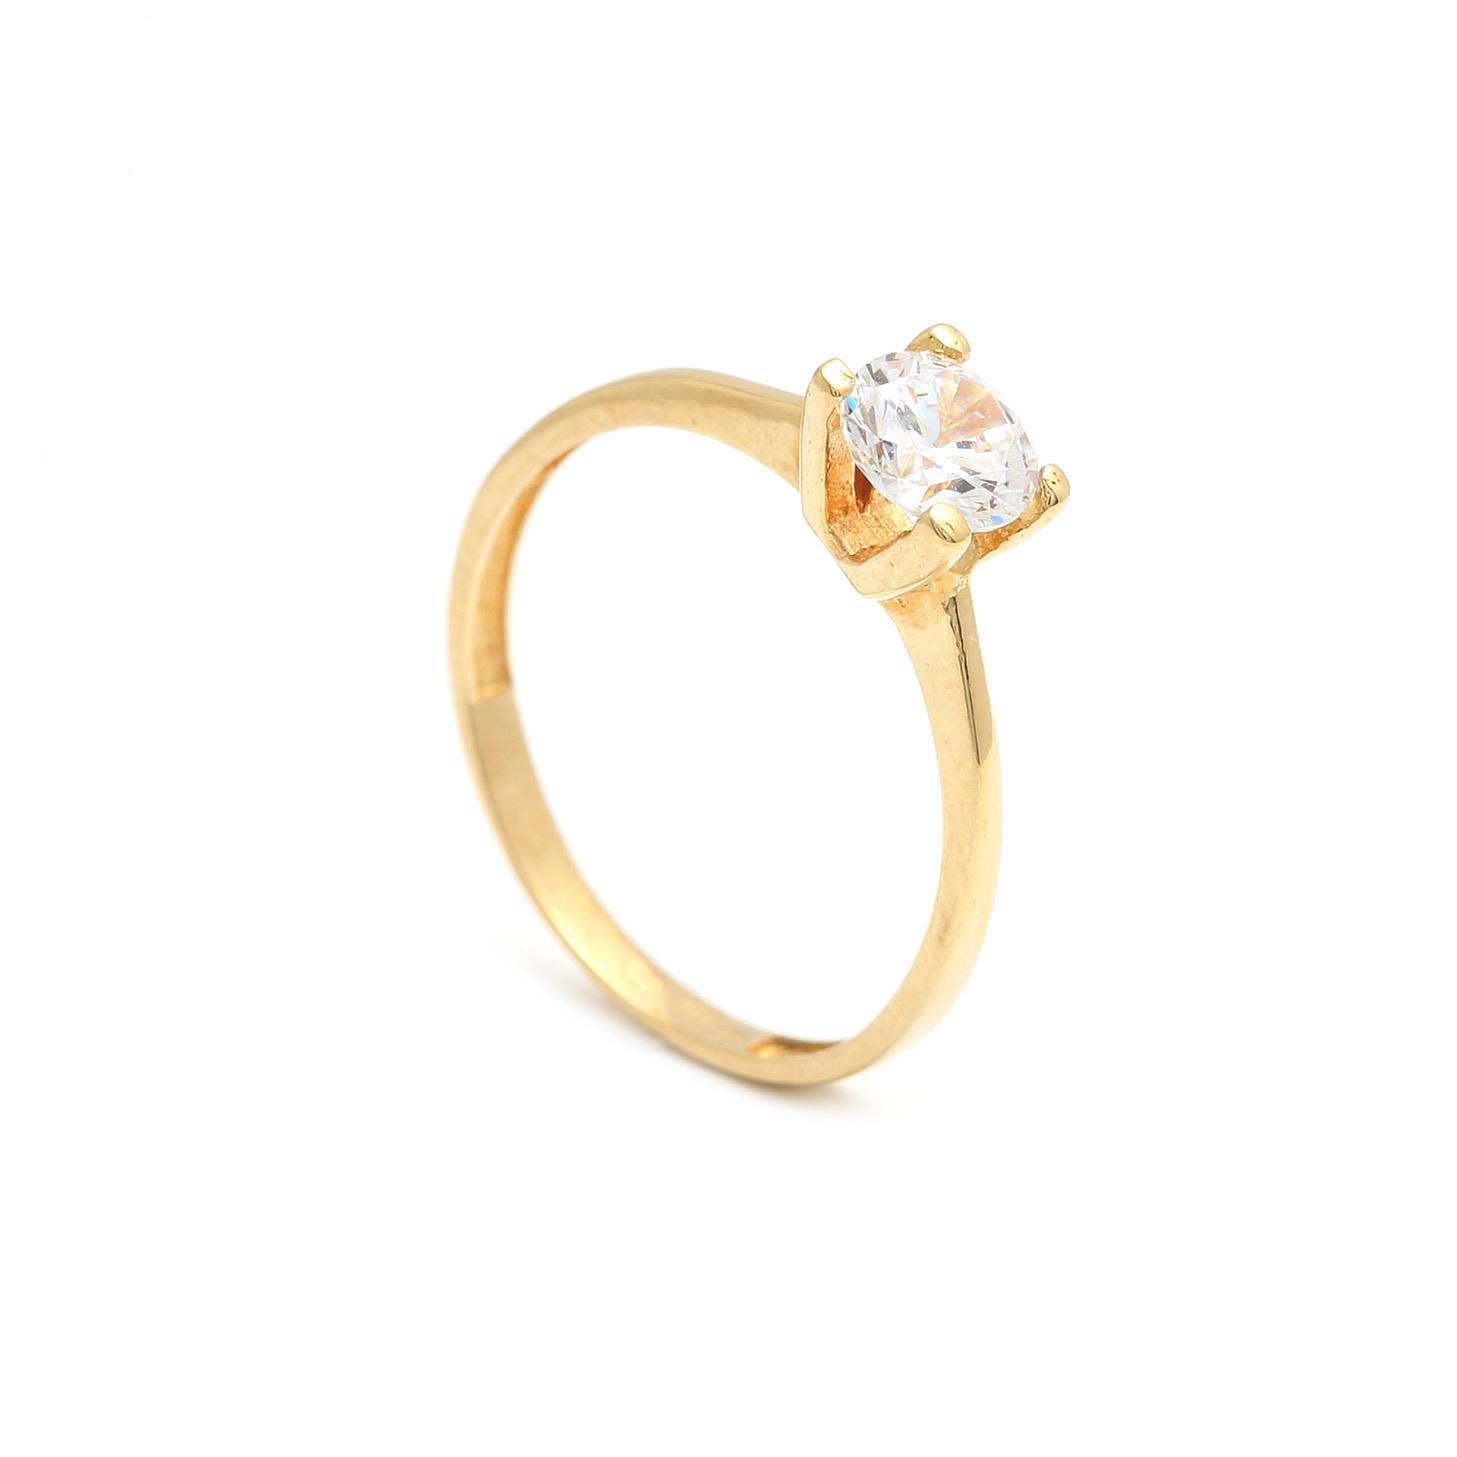 zlatý zásnubný prsteň nicotiana ... 2df68036de3